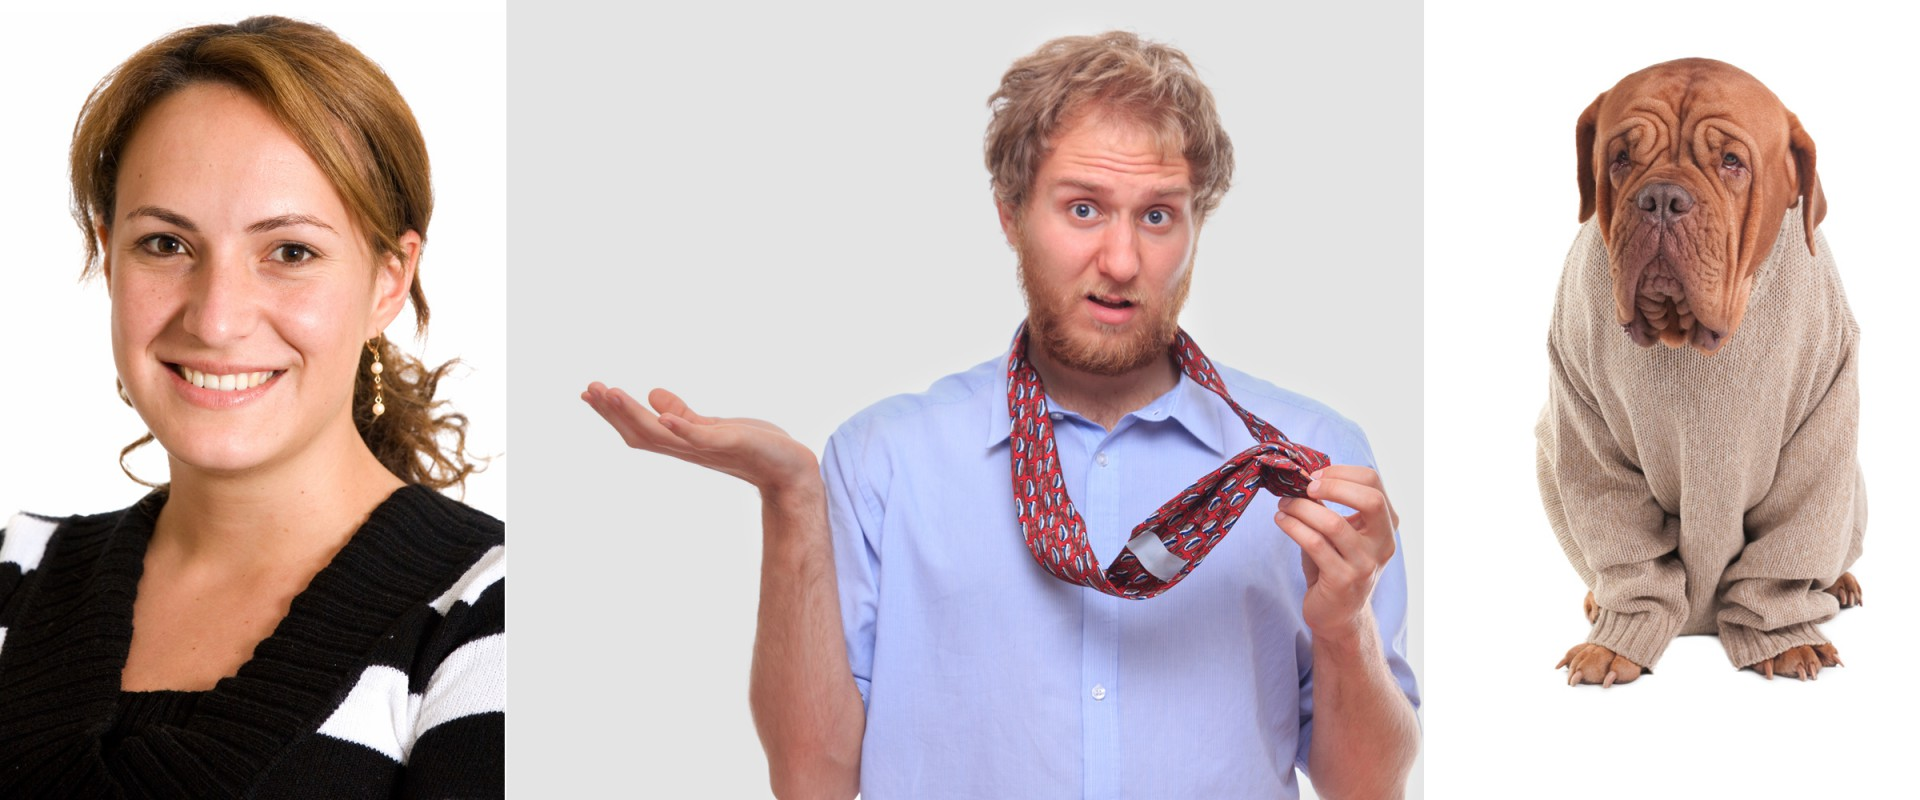 Welche Kleidung ist für welche Berufsbranche geeignet?